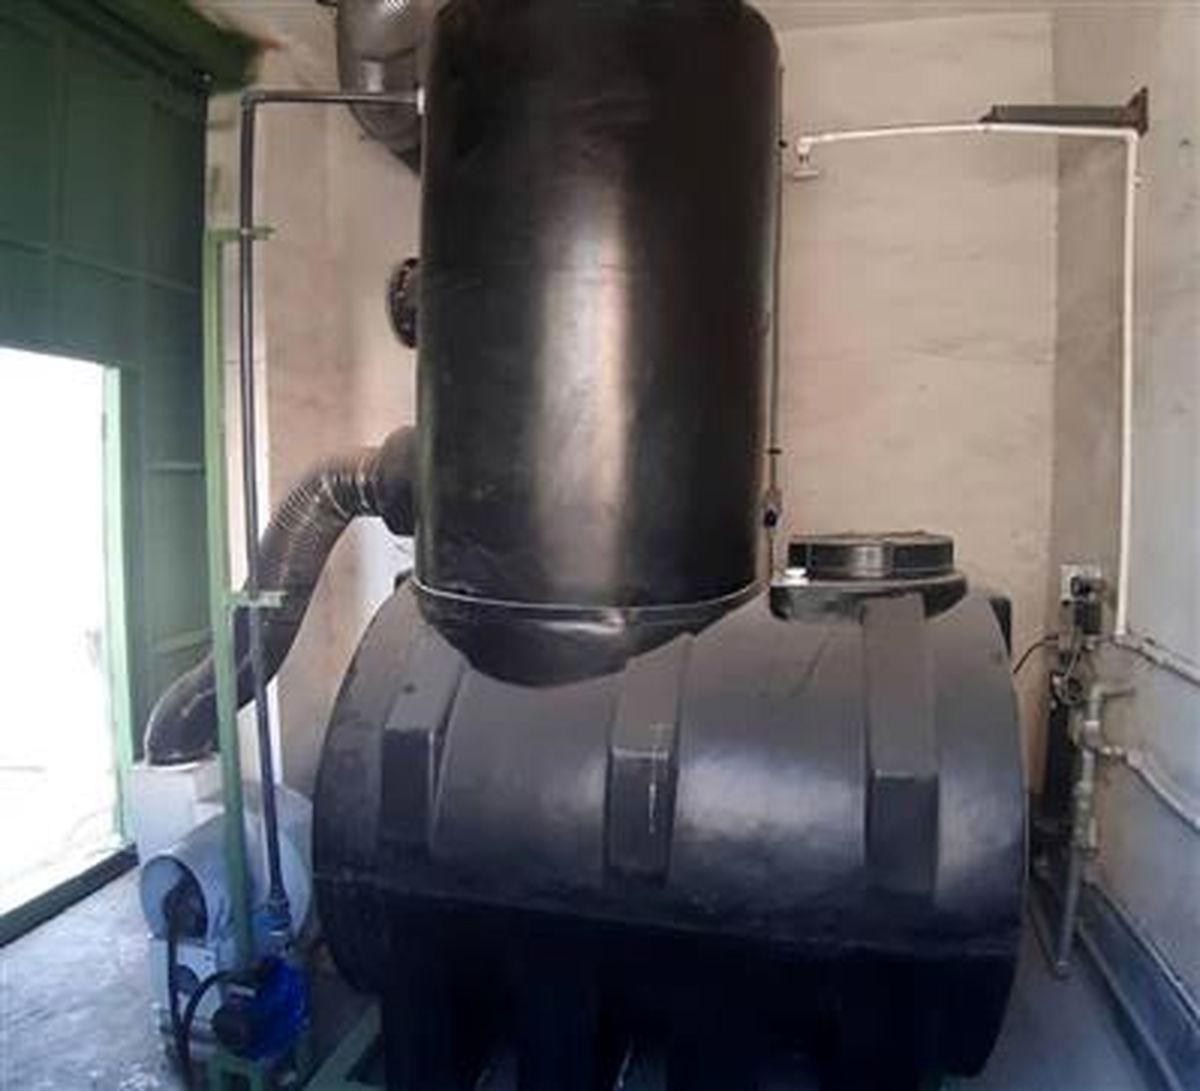 بهینه سازی و ارتقای ایمنی اتاقک های تزریق گاز کلر